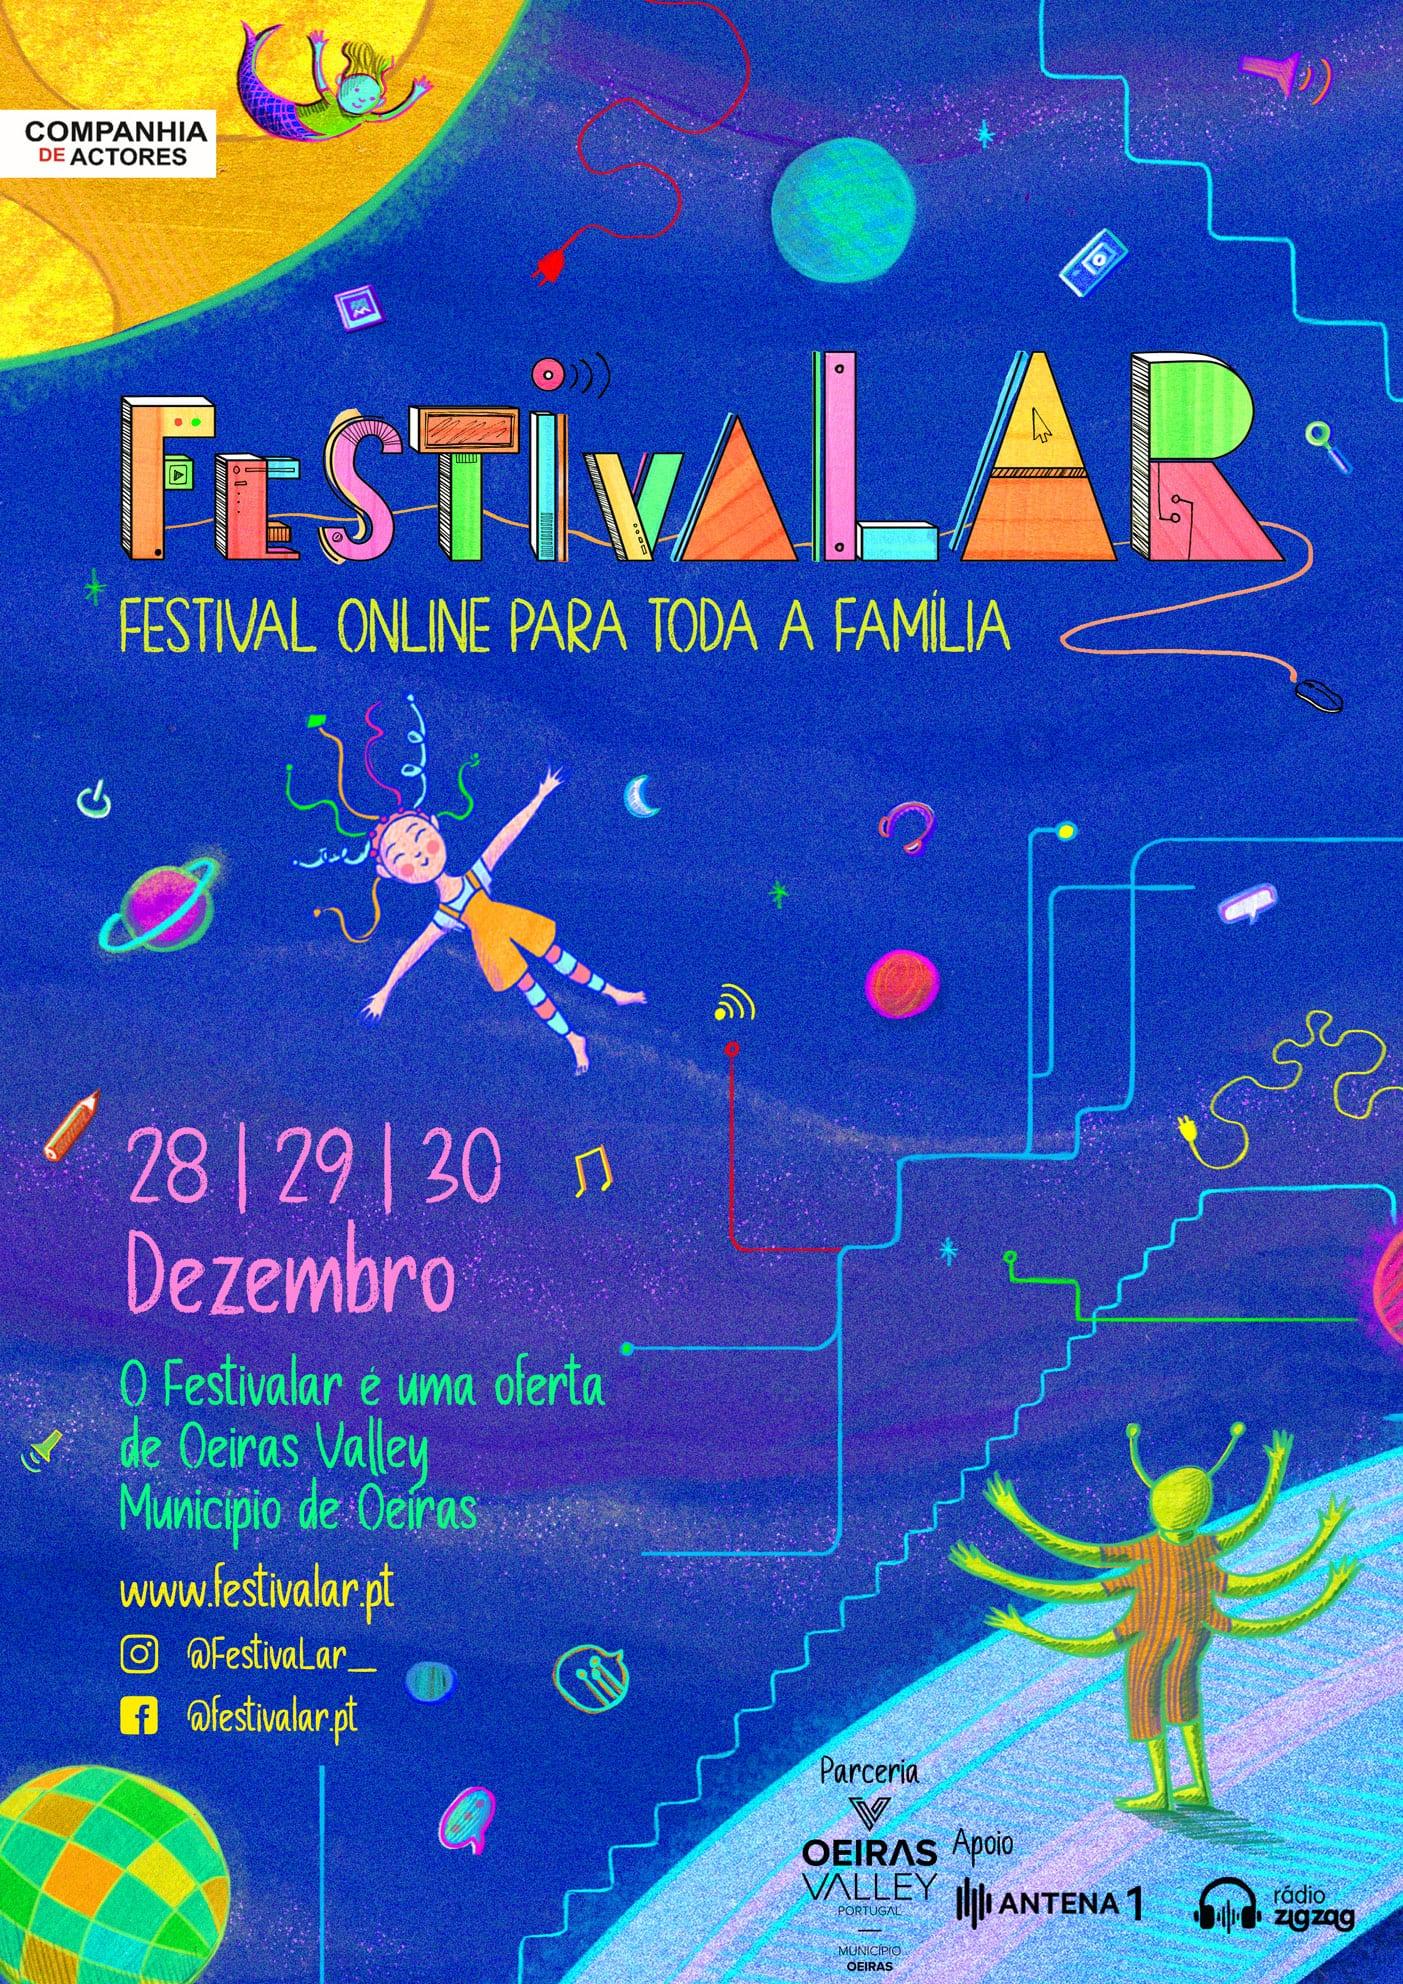 Festivalar